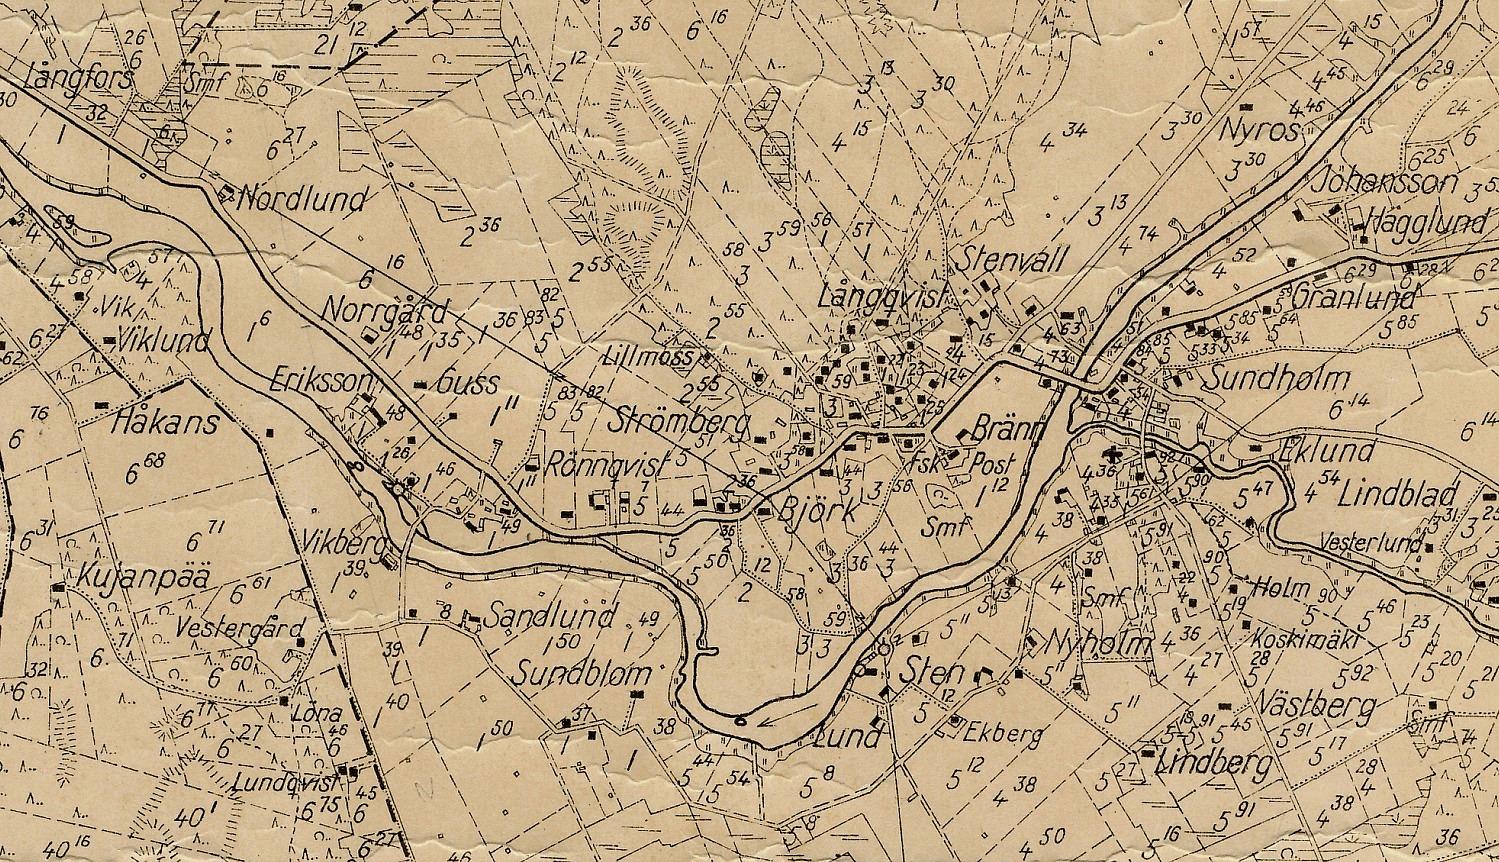 Detalj av sockenkarta, centrumområdet.